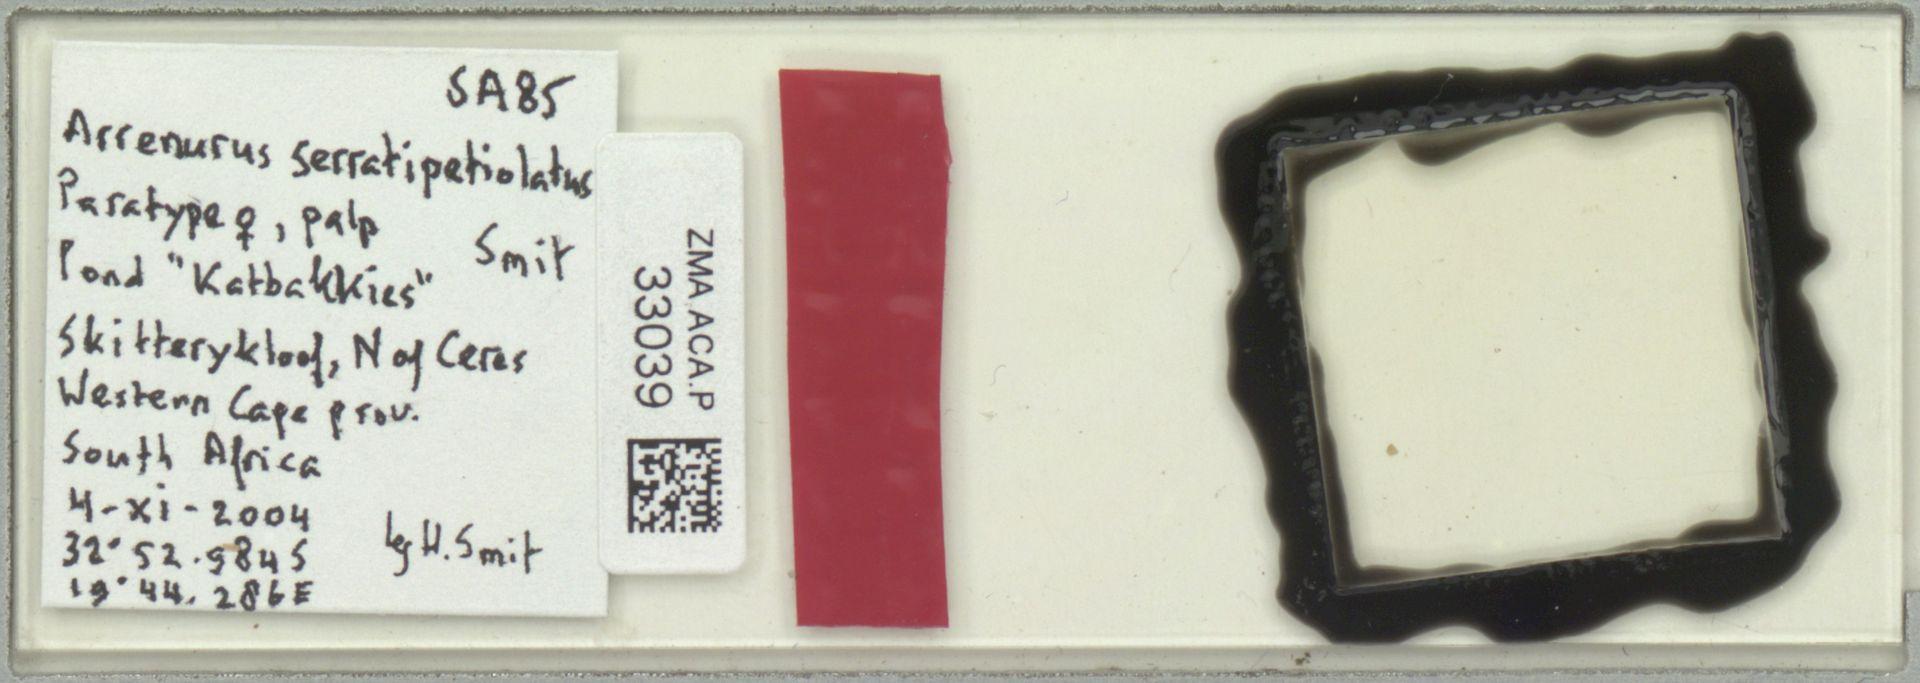 ZMA.ACA.P.33039 | Arrenurus serratipetiolatus Smit, 2012